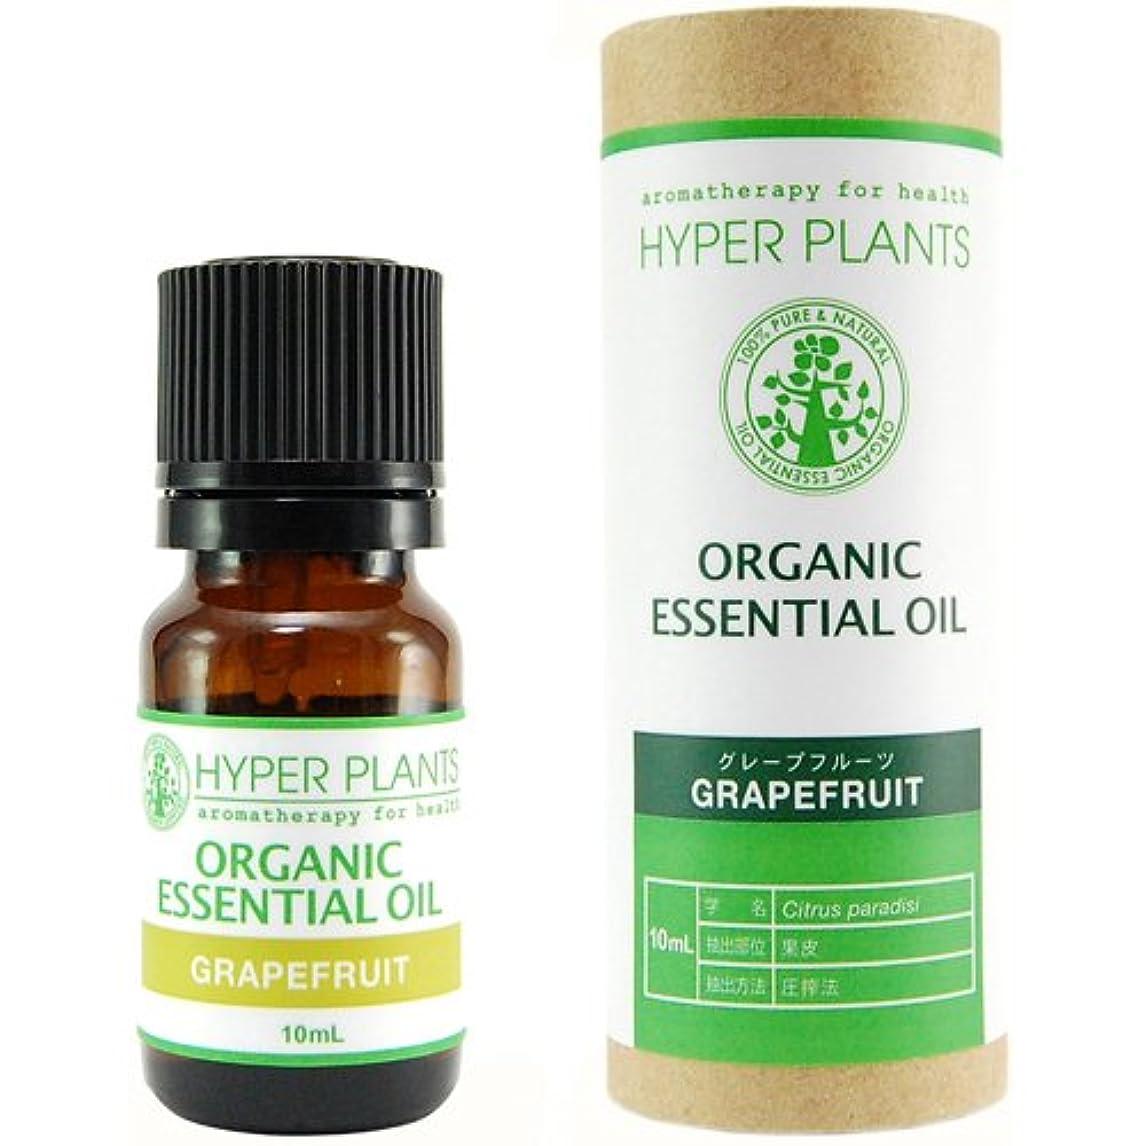 危機ブローそれに応じてHYPER PLANTS ハイパープランツ オーガニックエッセンシャルオイル グレープフルーツ 10ml HE0210